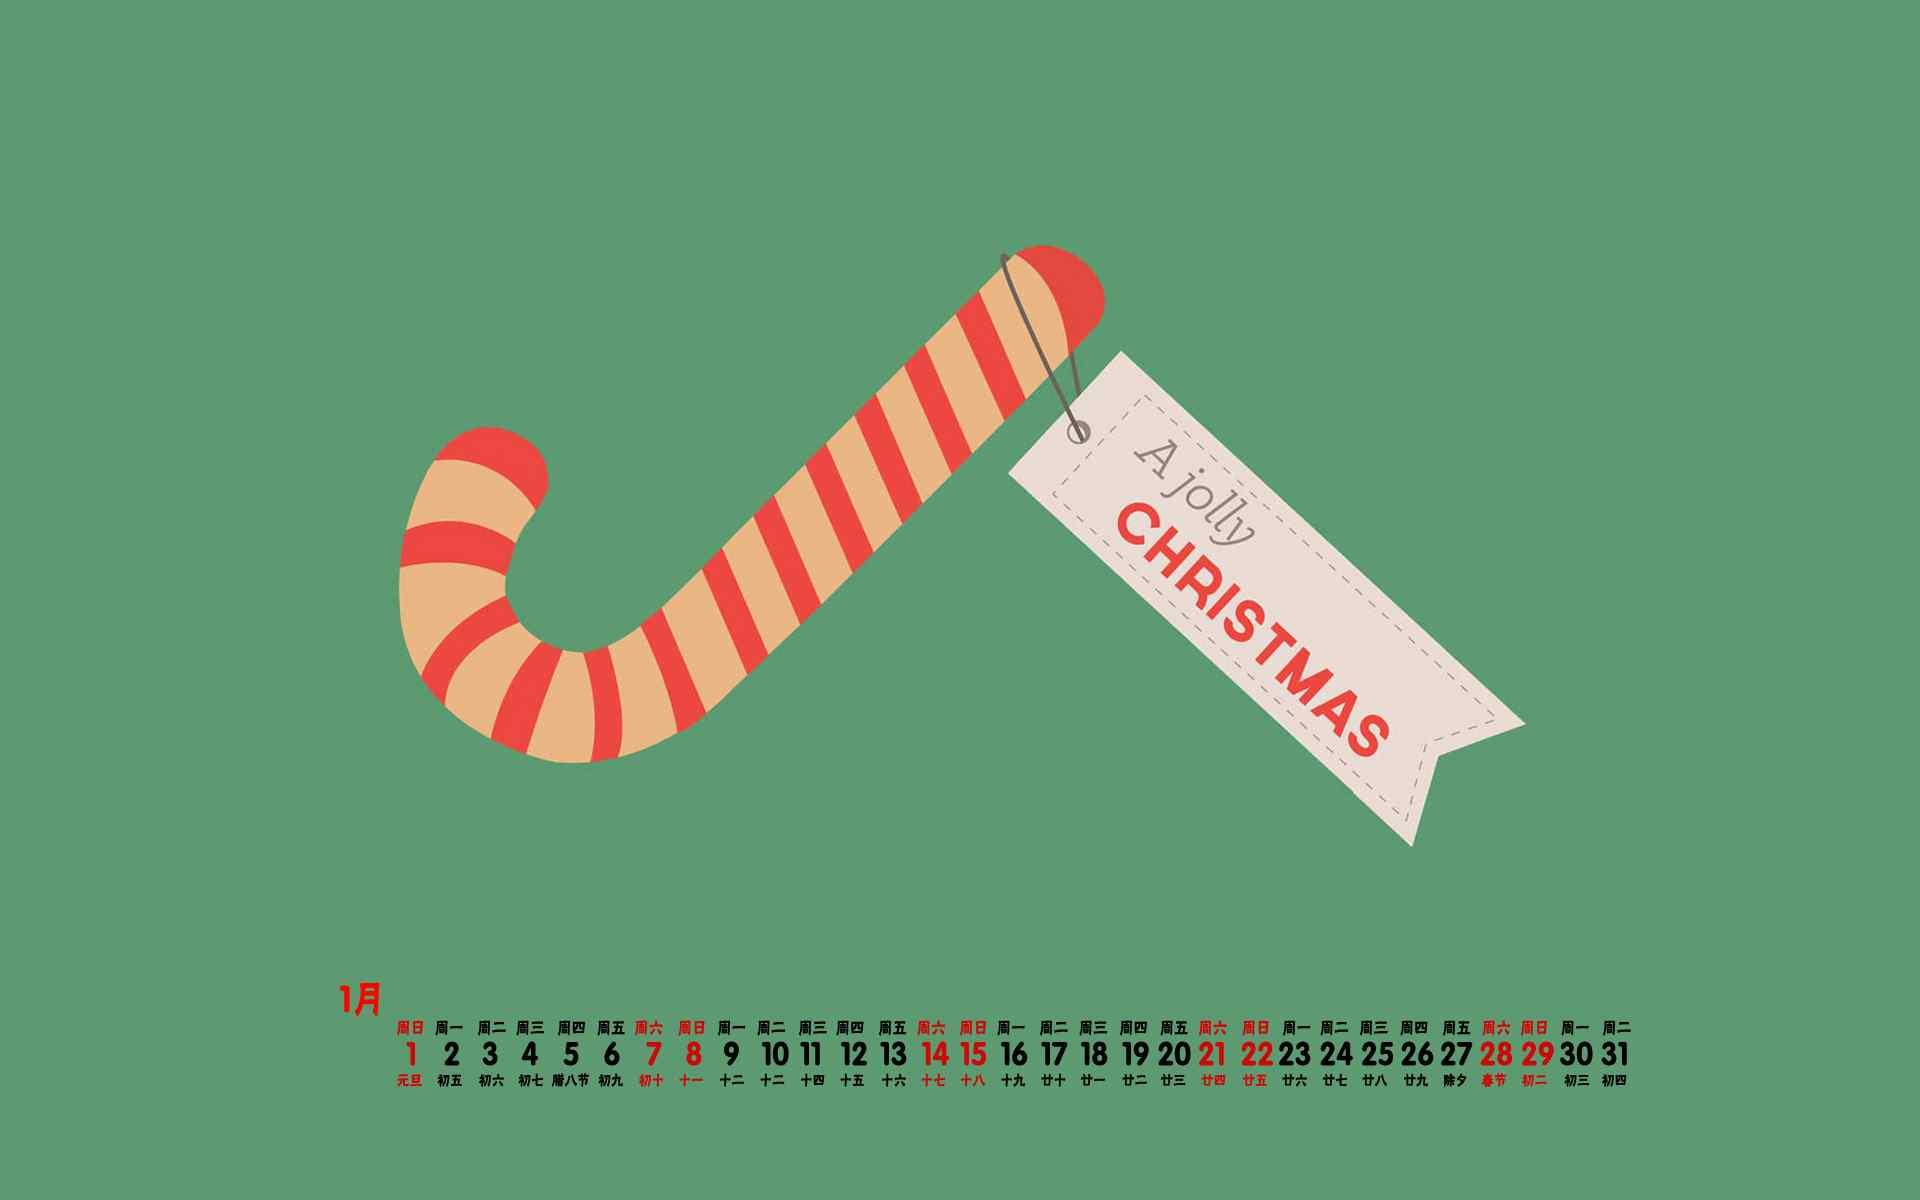 2017年1月日历可爱圣诞节图片卡通桌面壁纸